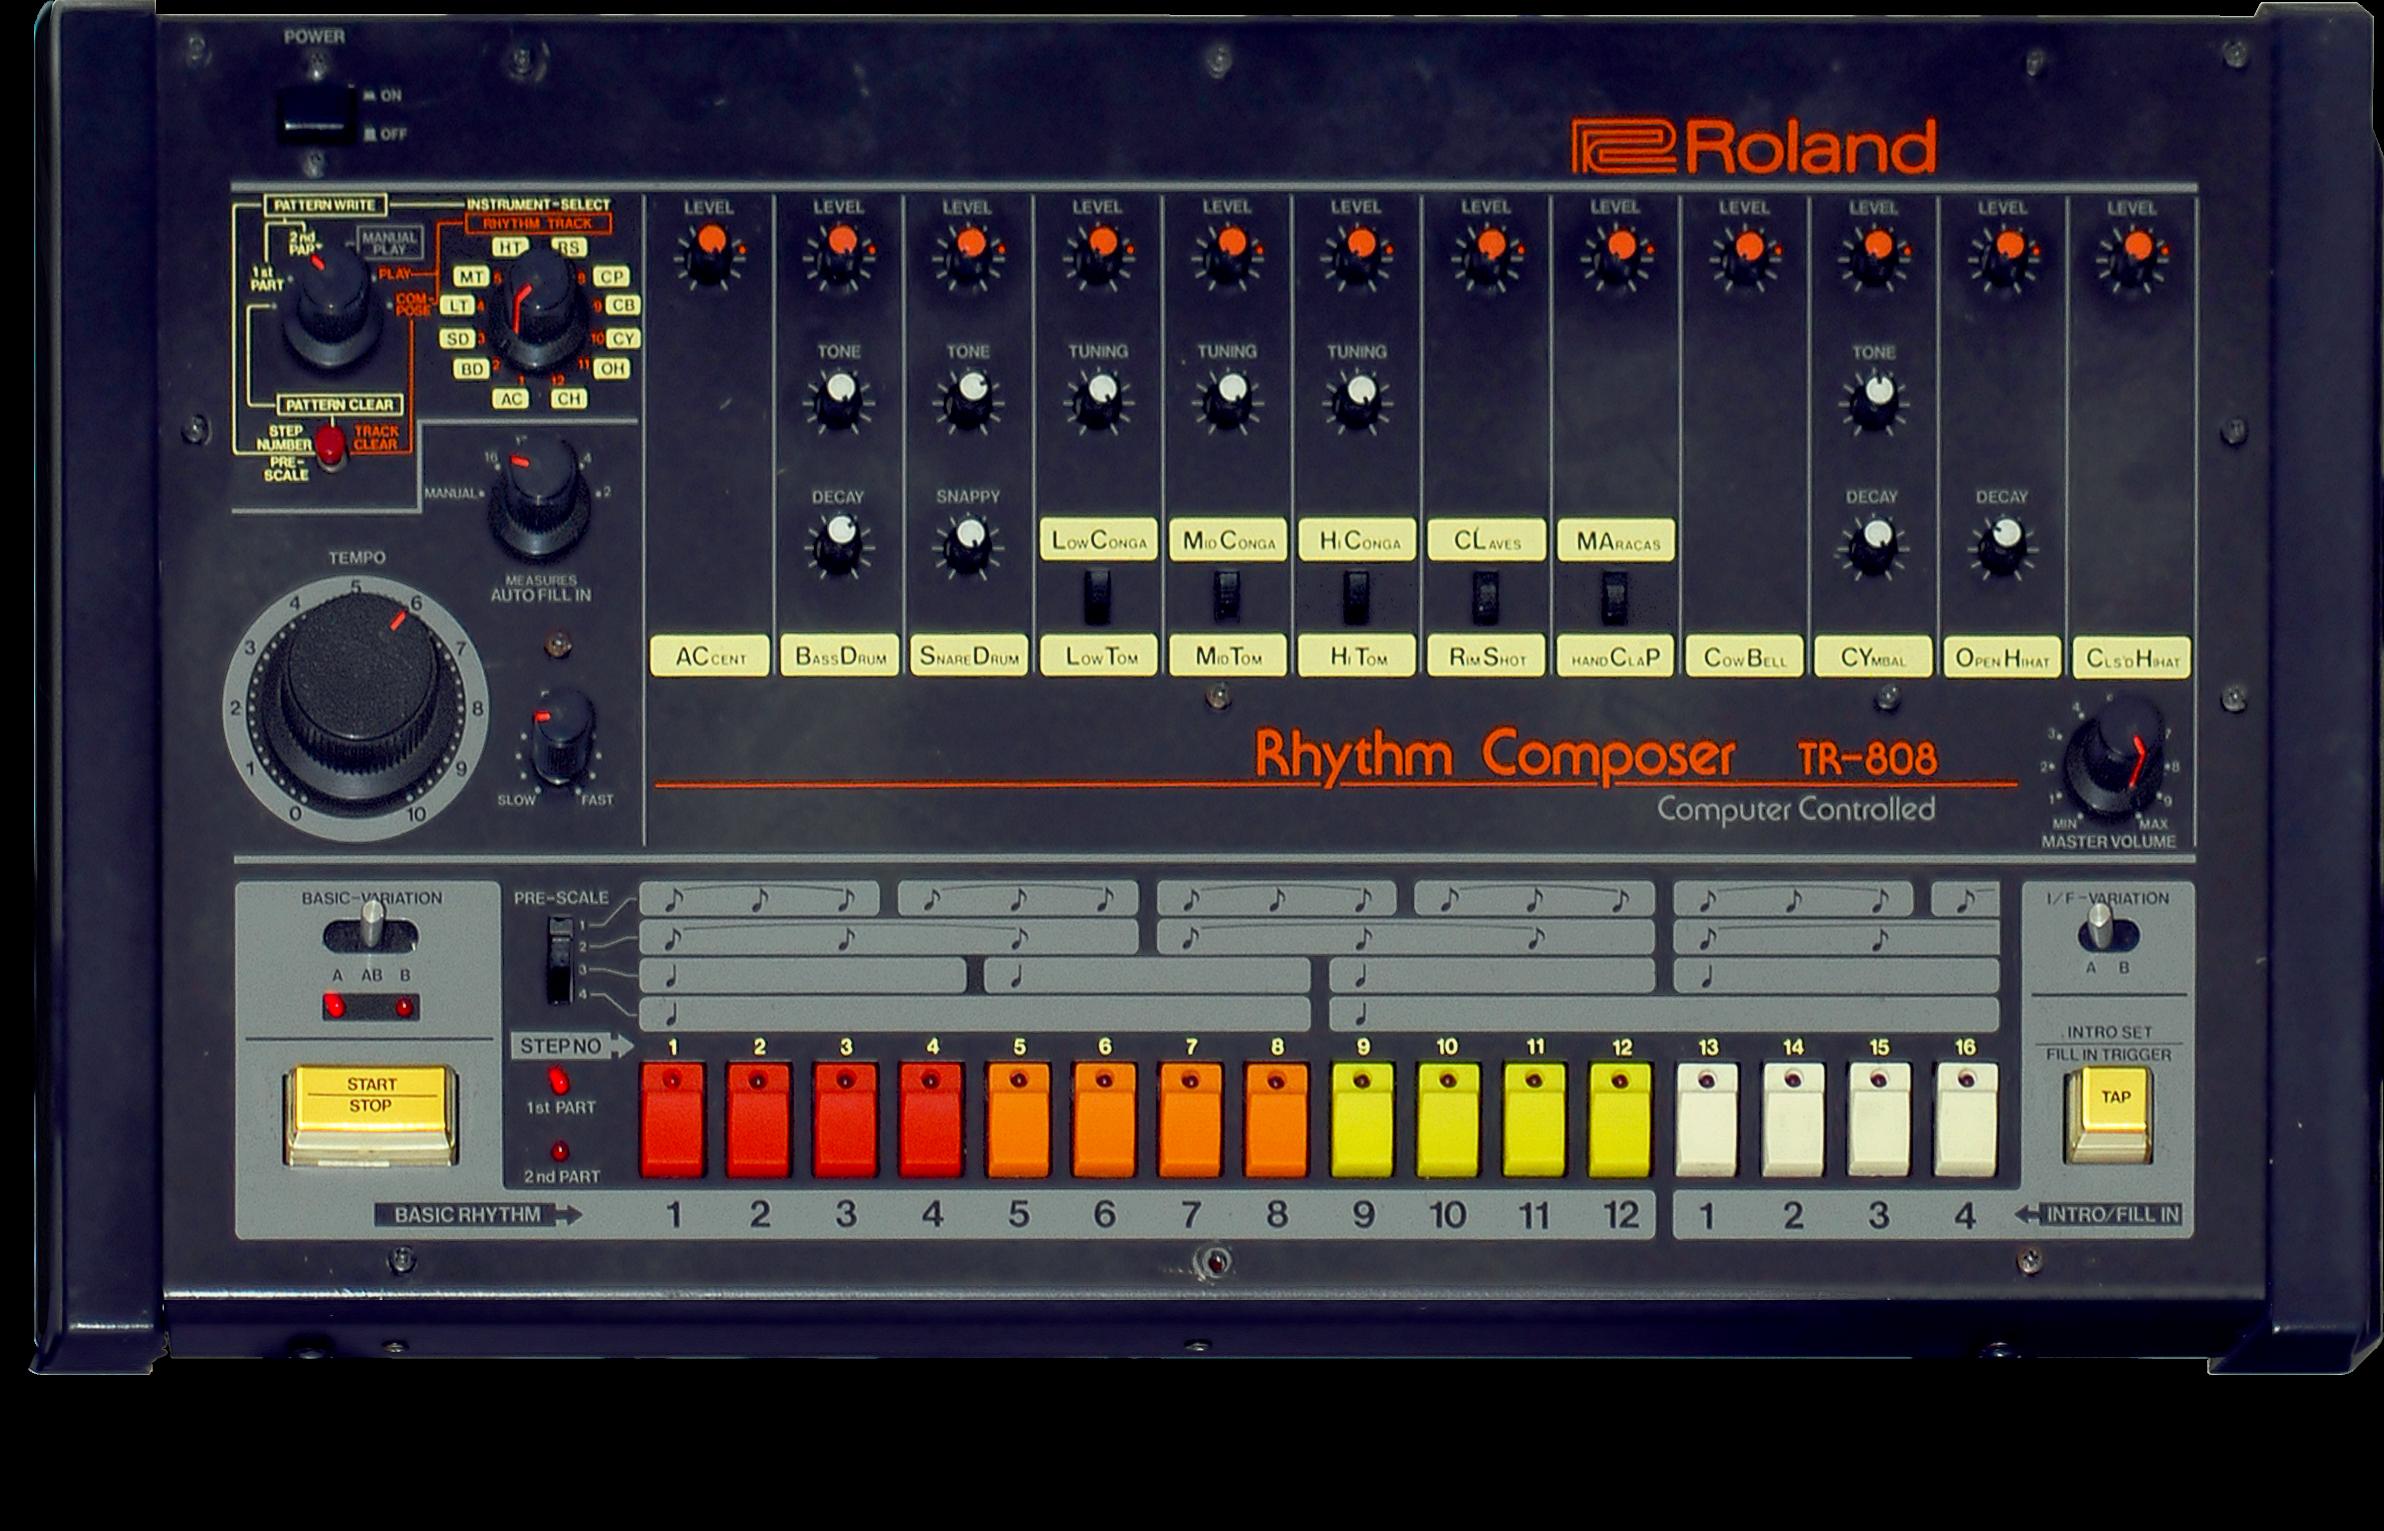 Roland-TR 808